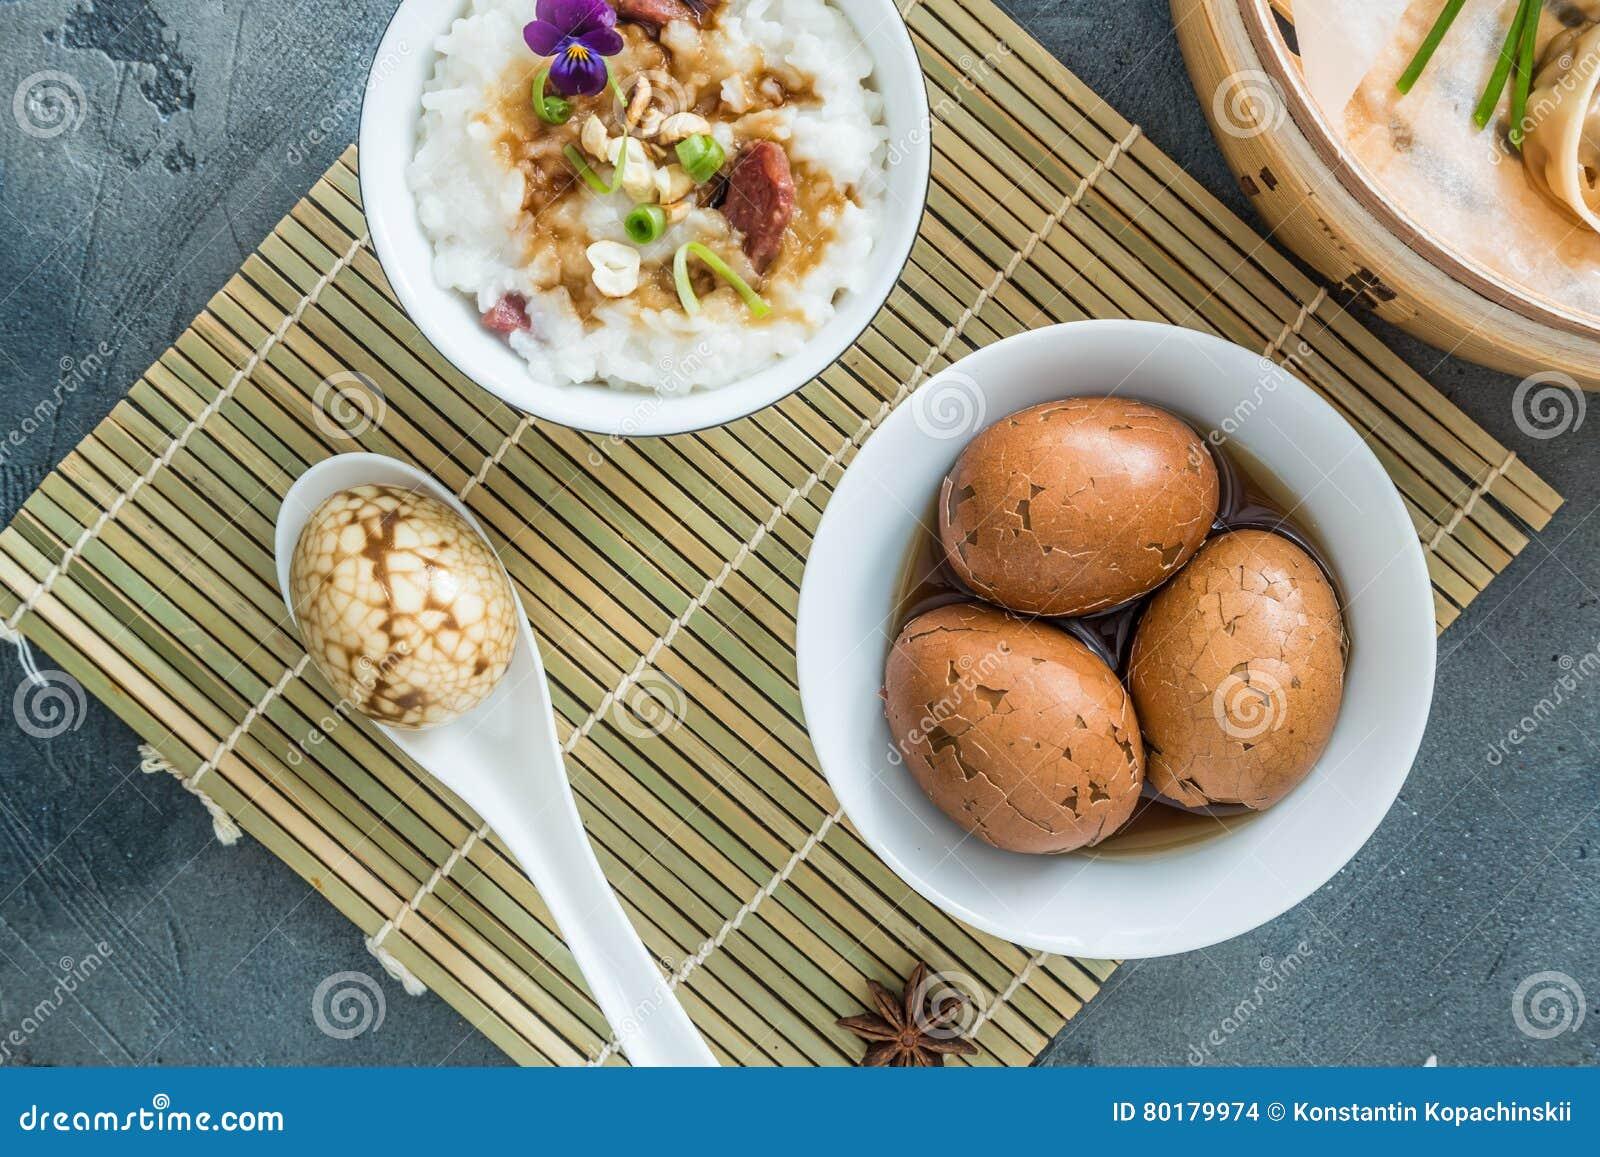 Chinois dur écossé marbré ou oeufs de thé